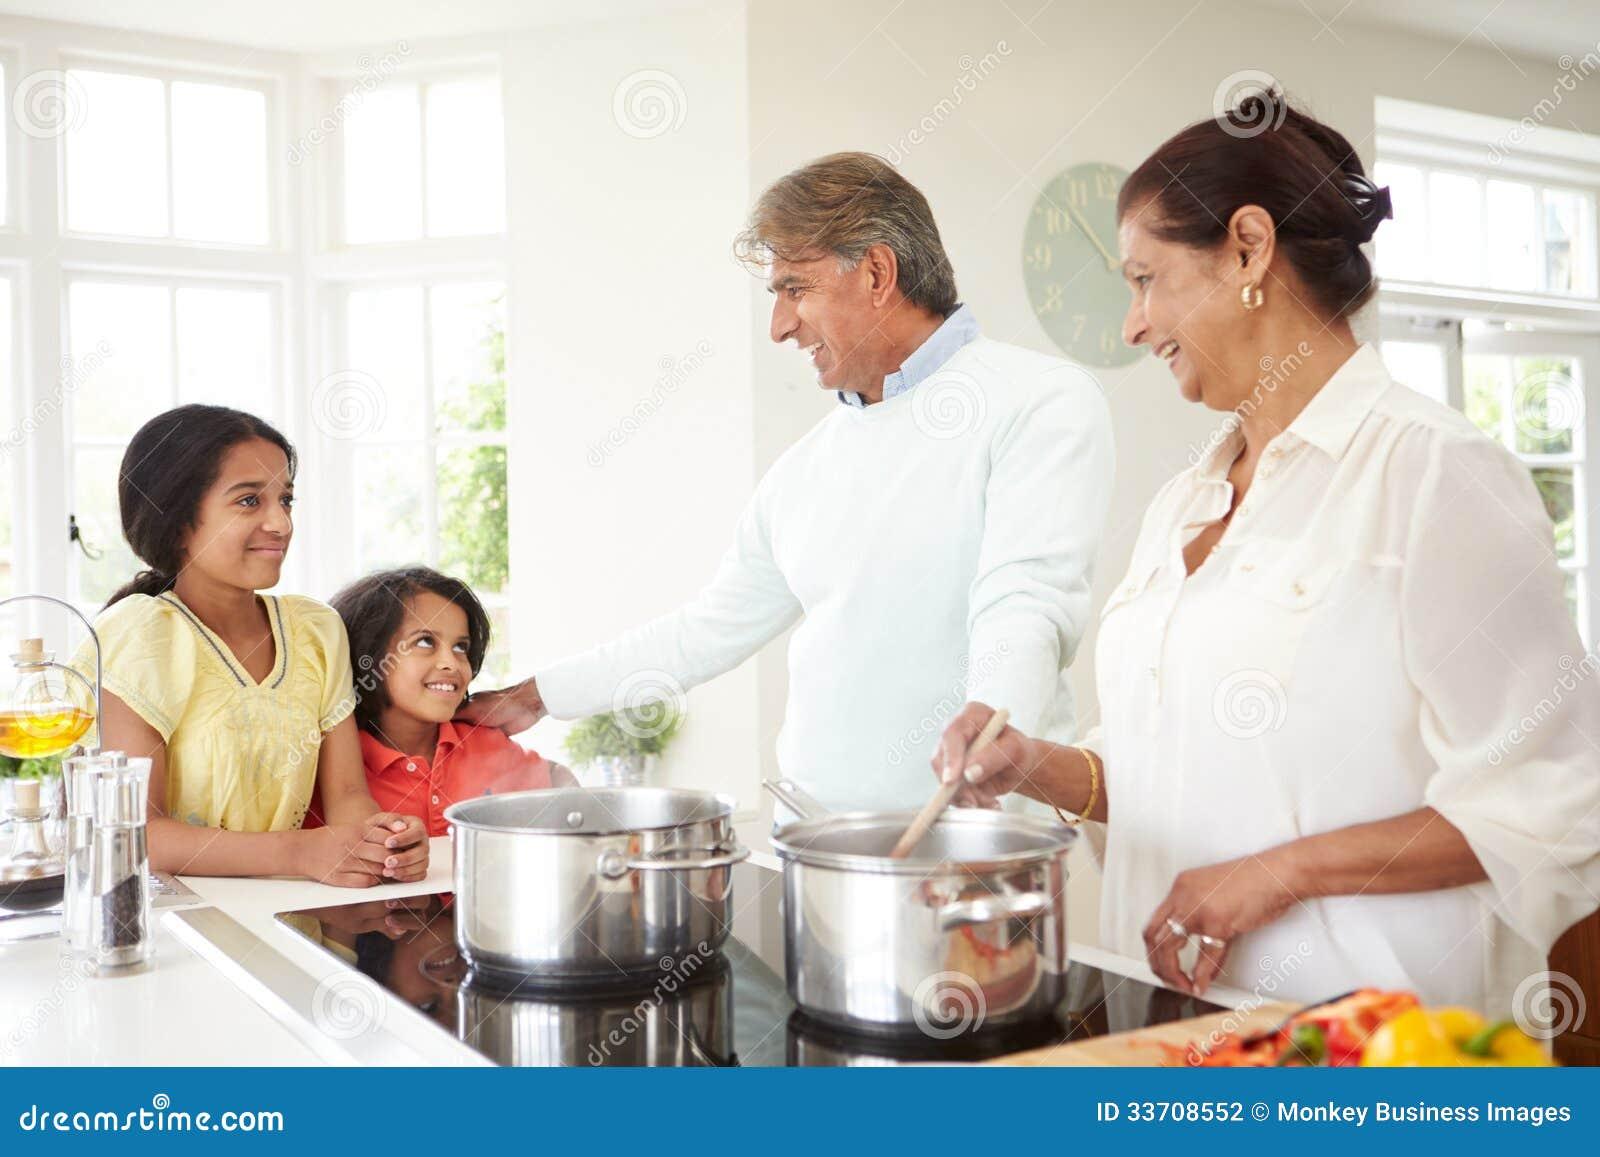 Nonni e nipoti che cucinano pasto a casa fotografia stock - Bambine che cucinano ...